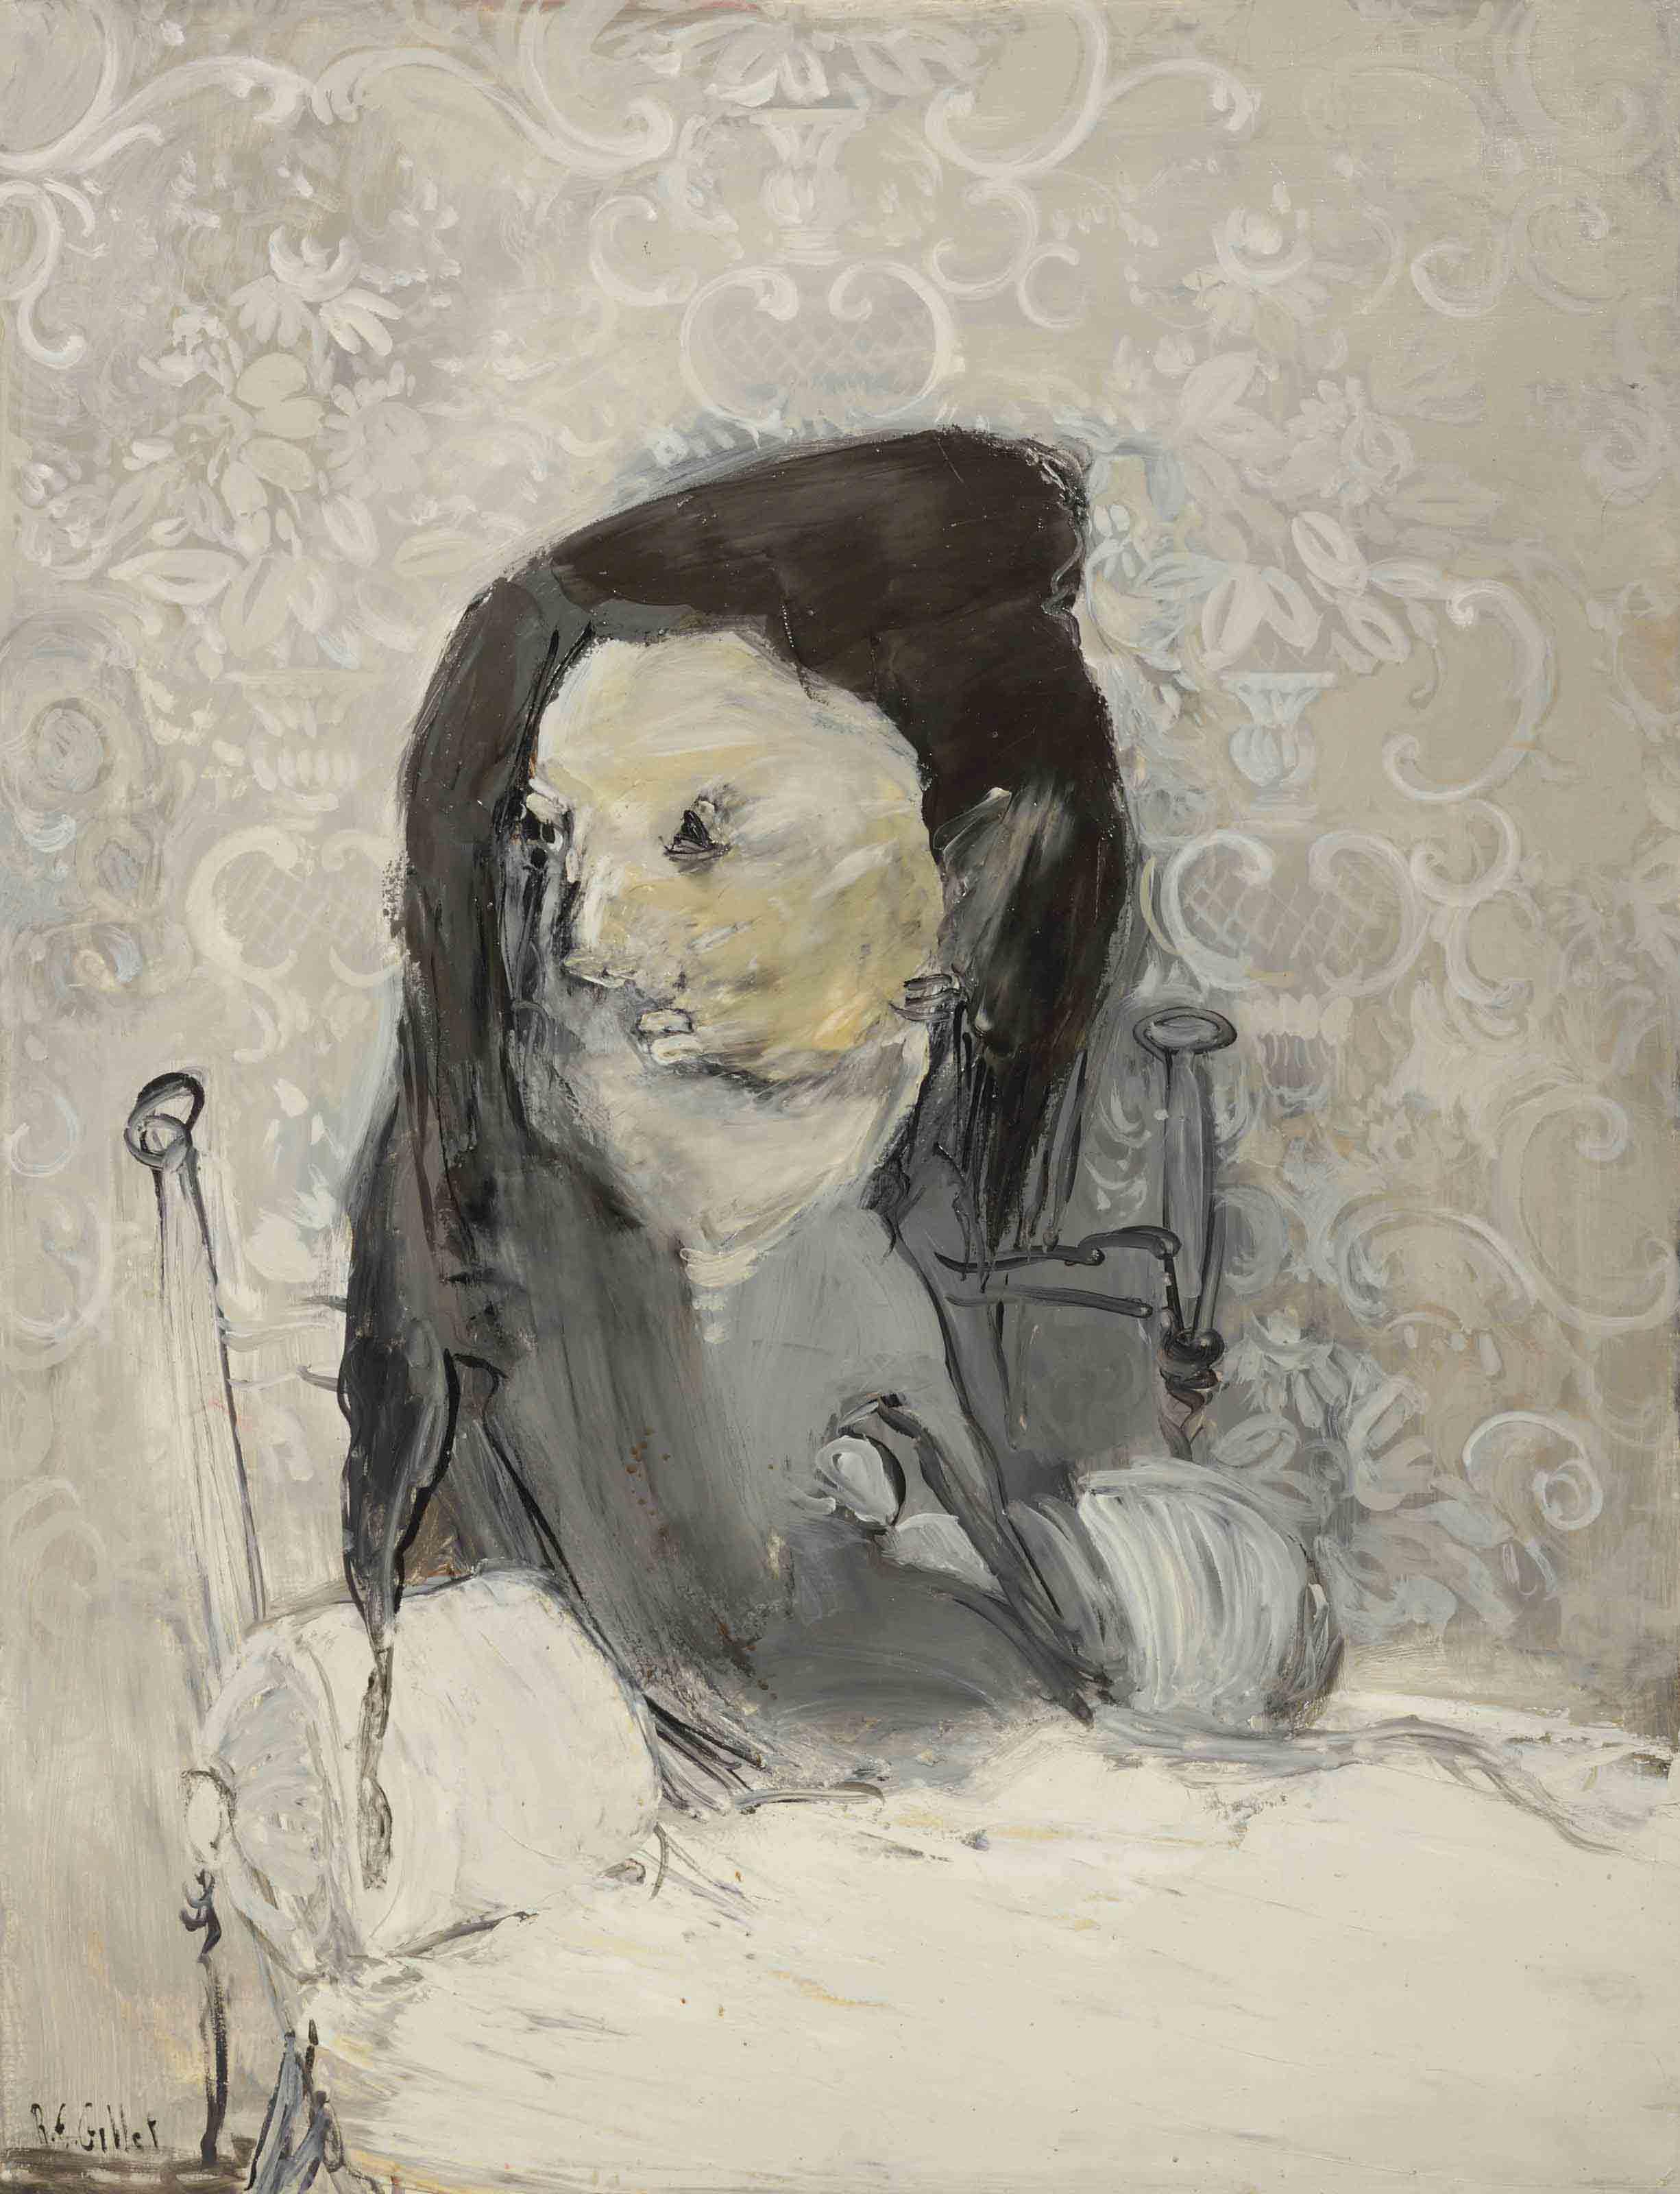 La femme grise (La veuve)